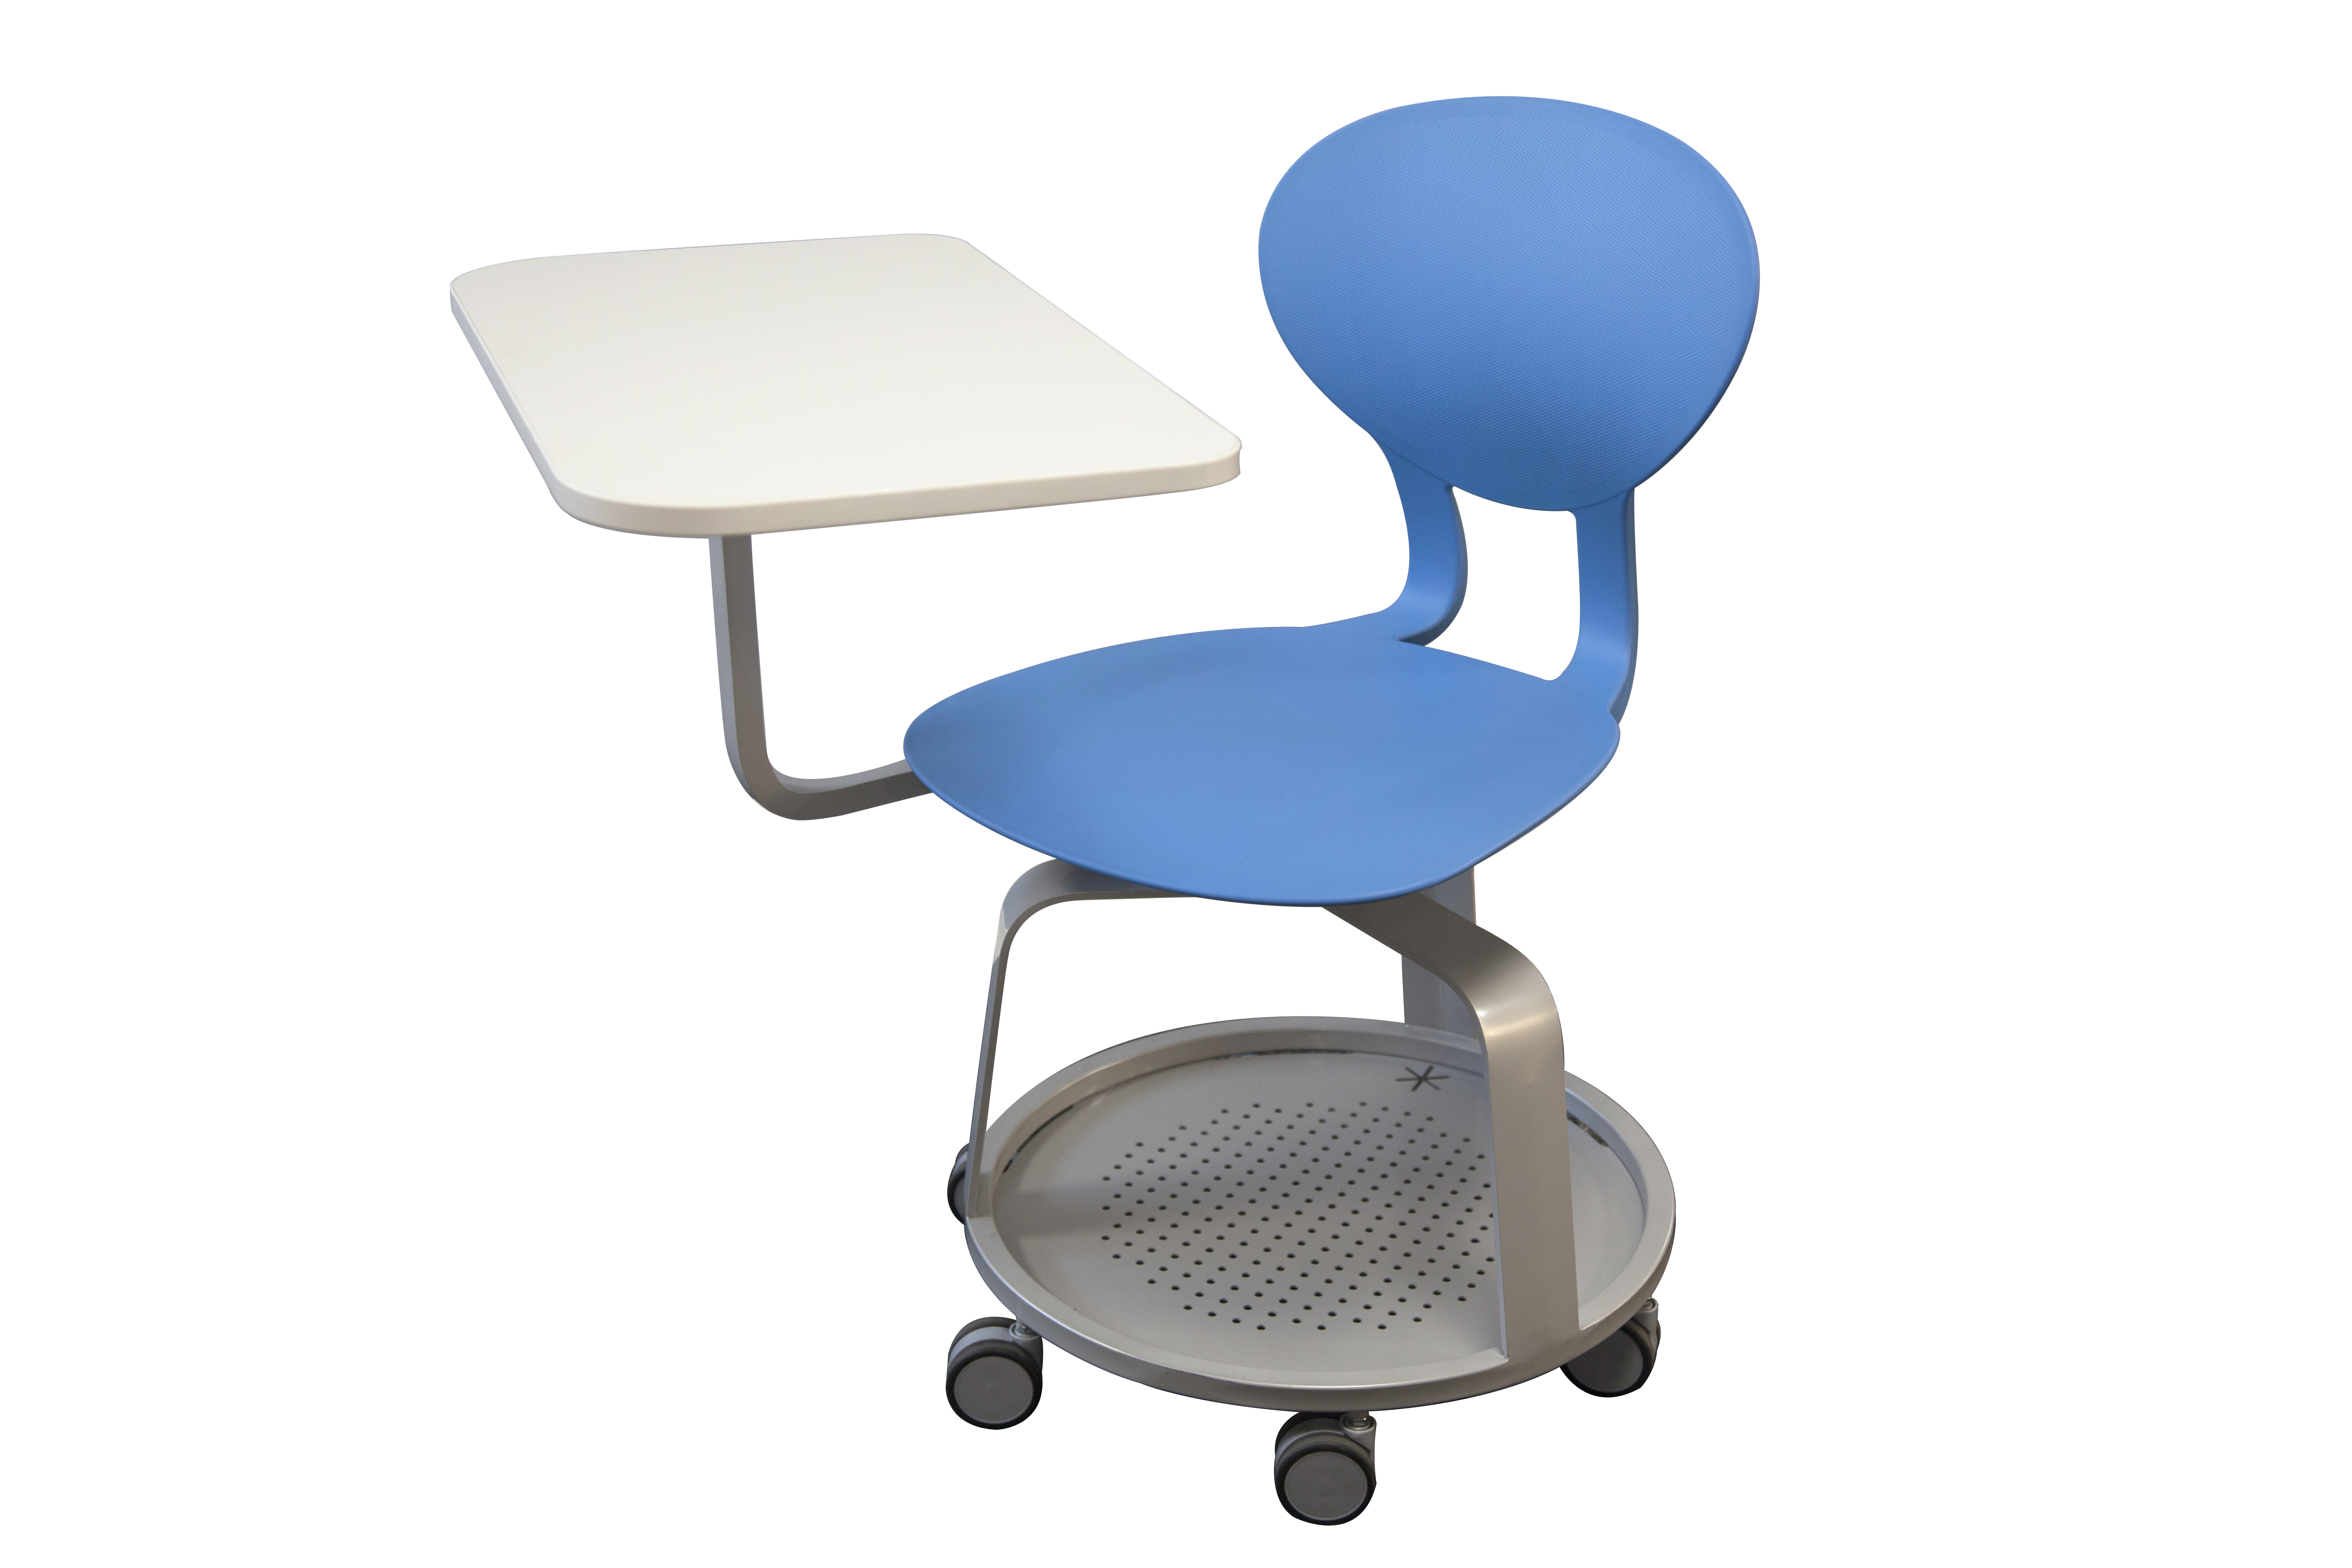 DPC - SCOLAIRE & SALLE DE COURS Chaise mobile KAPPA pivotante avec tablette Photo